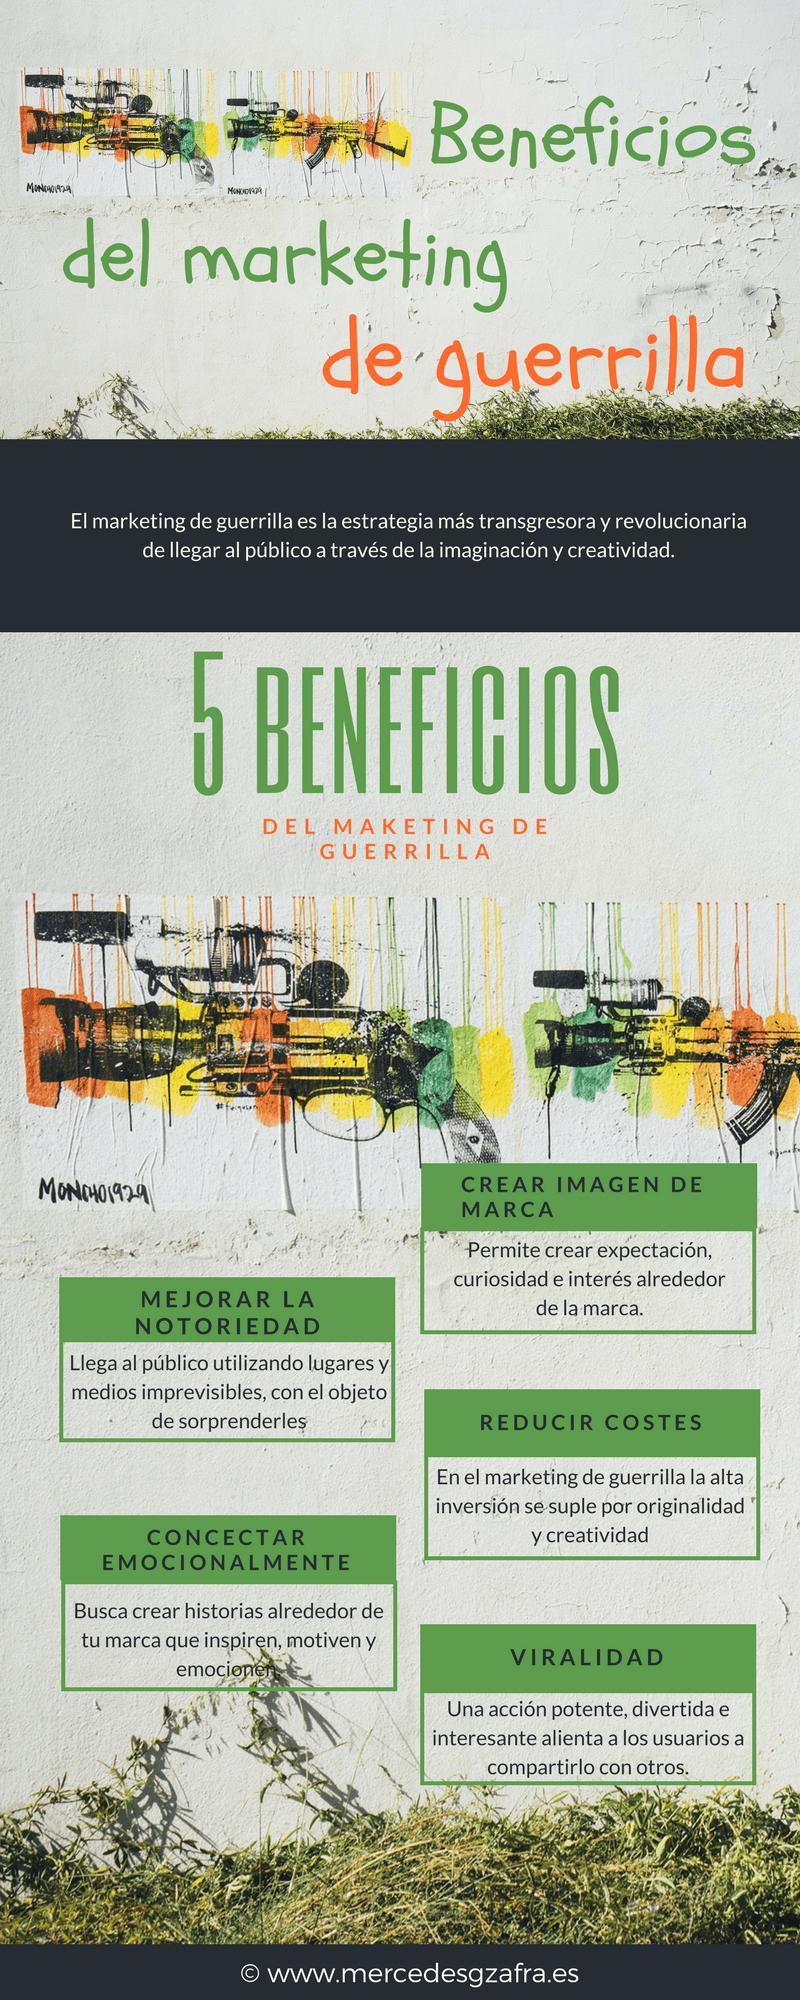 5 beneficios del Marketing de Guerrilla